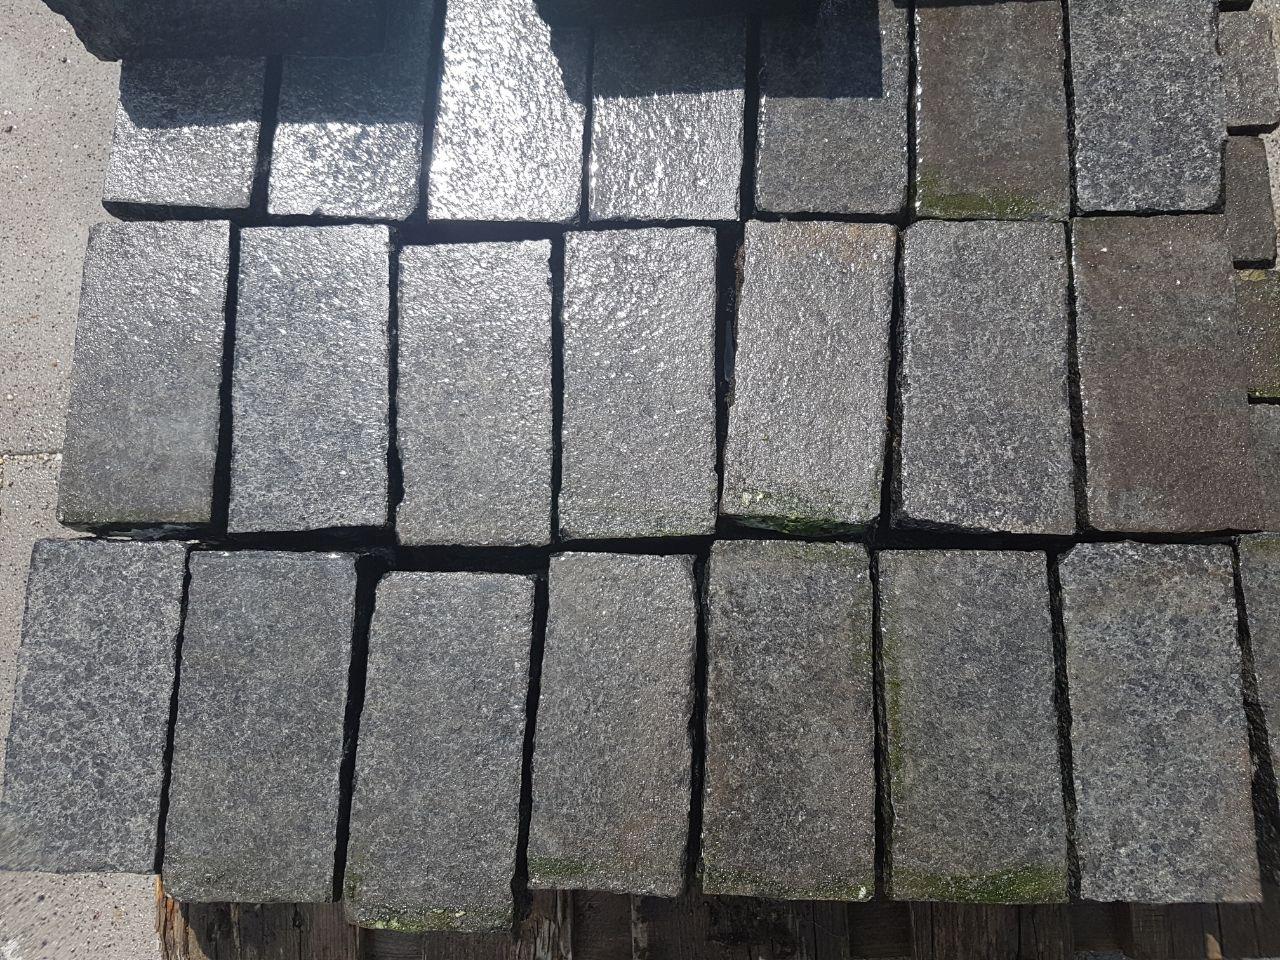 Edelpflaster schwarz 18x9x8 cm gesägt 1